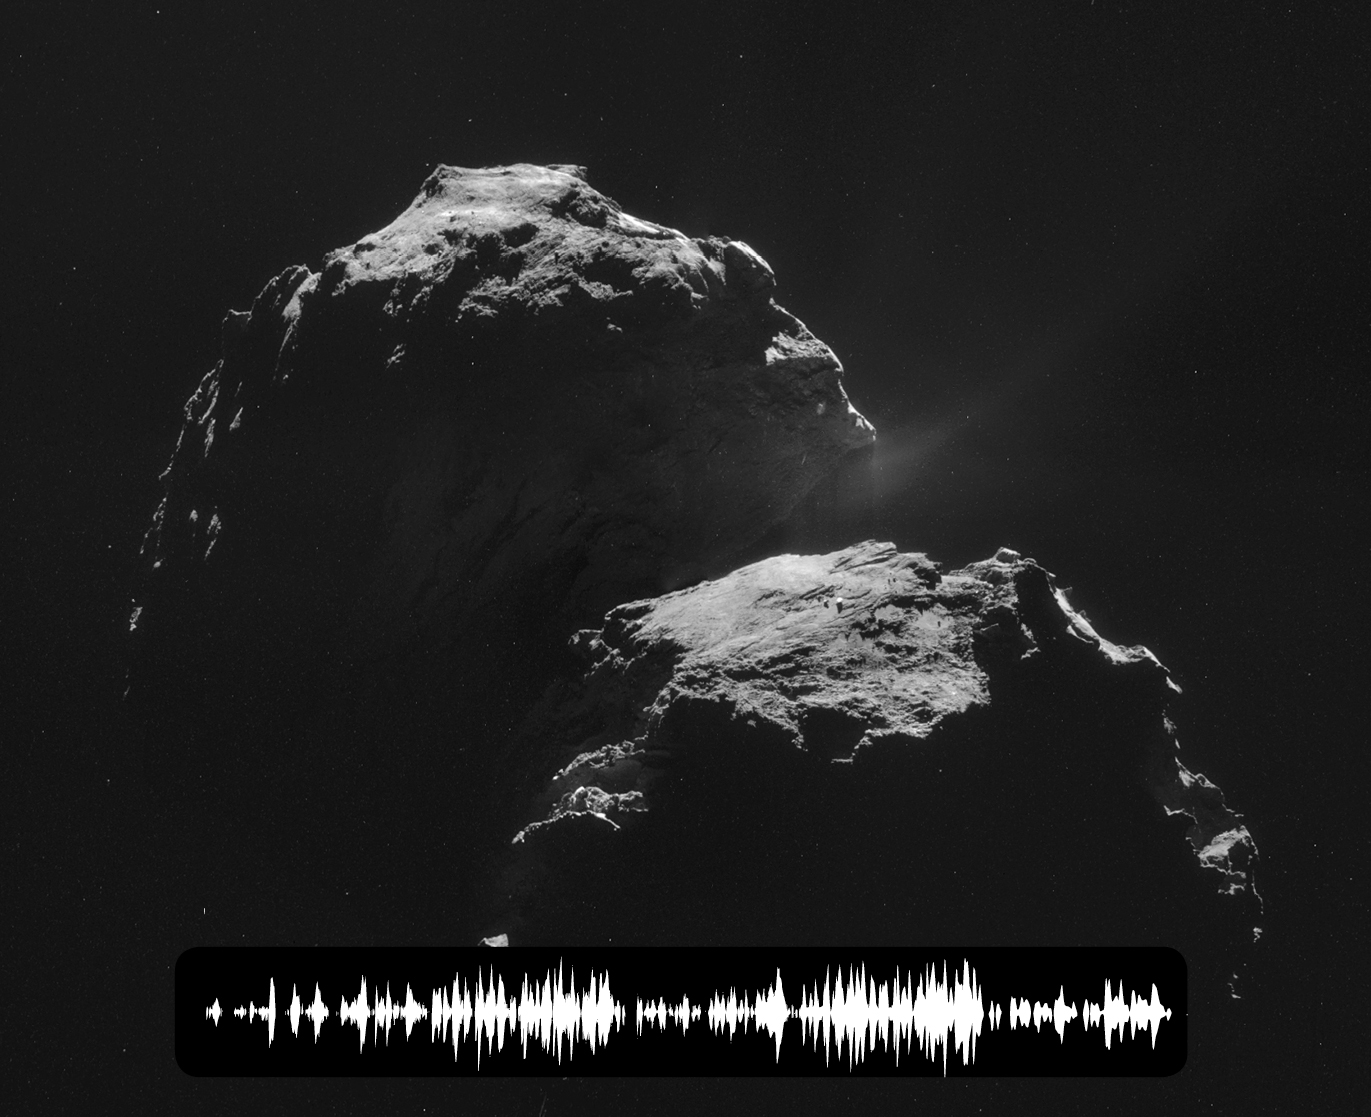 Listen to This: Comet's Eerie 'Song' Captured by Rosetta Spacecraft